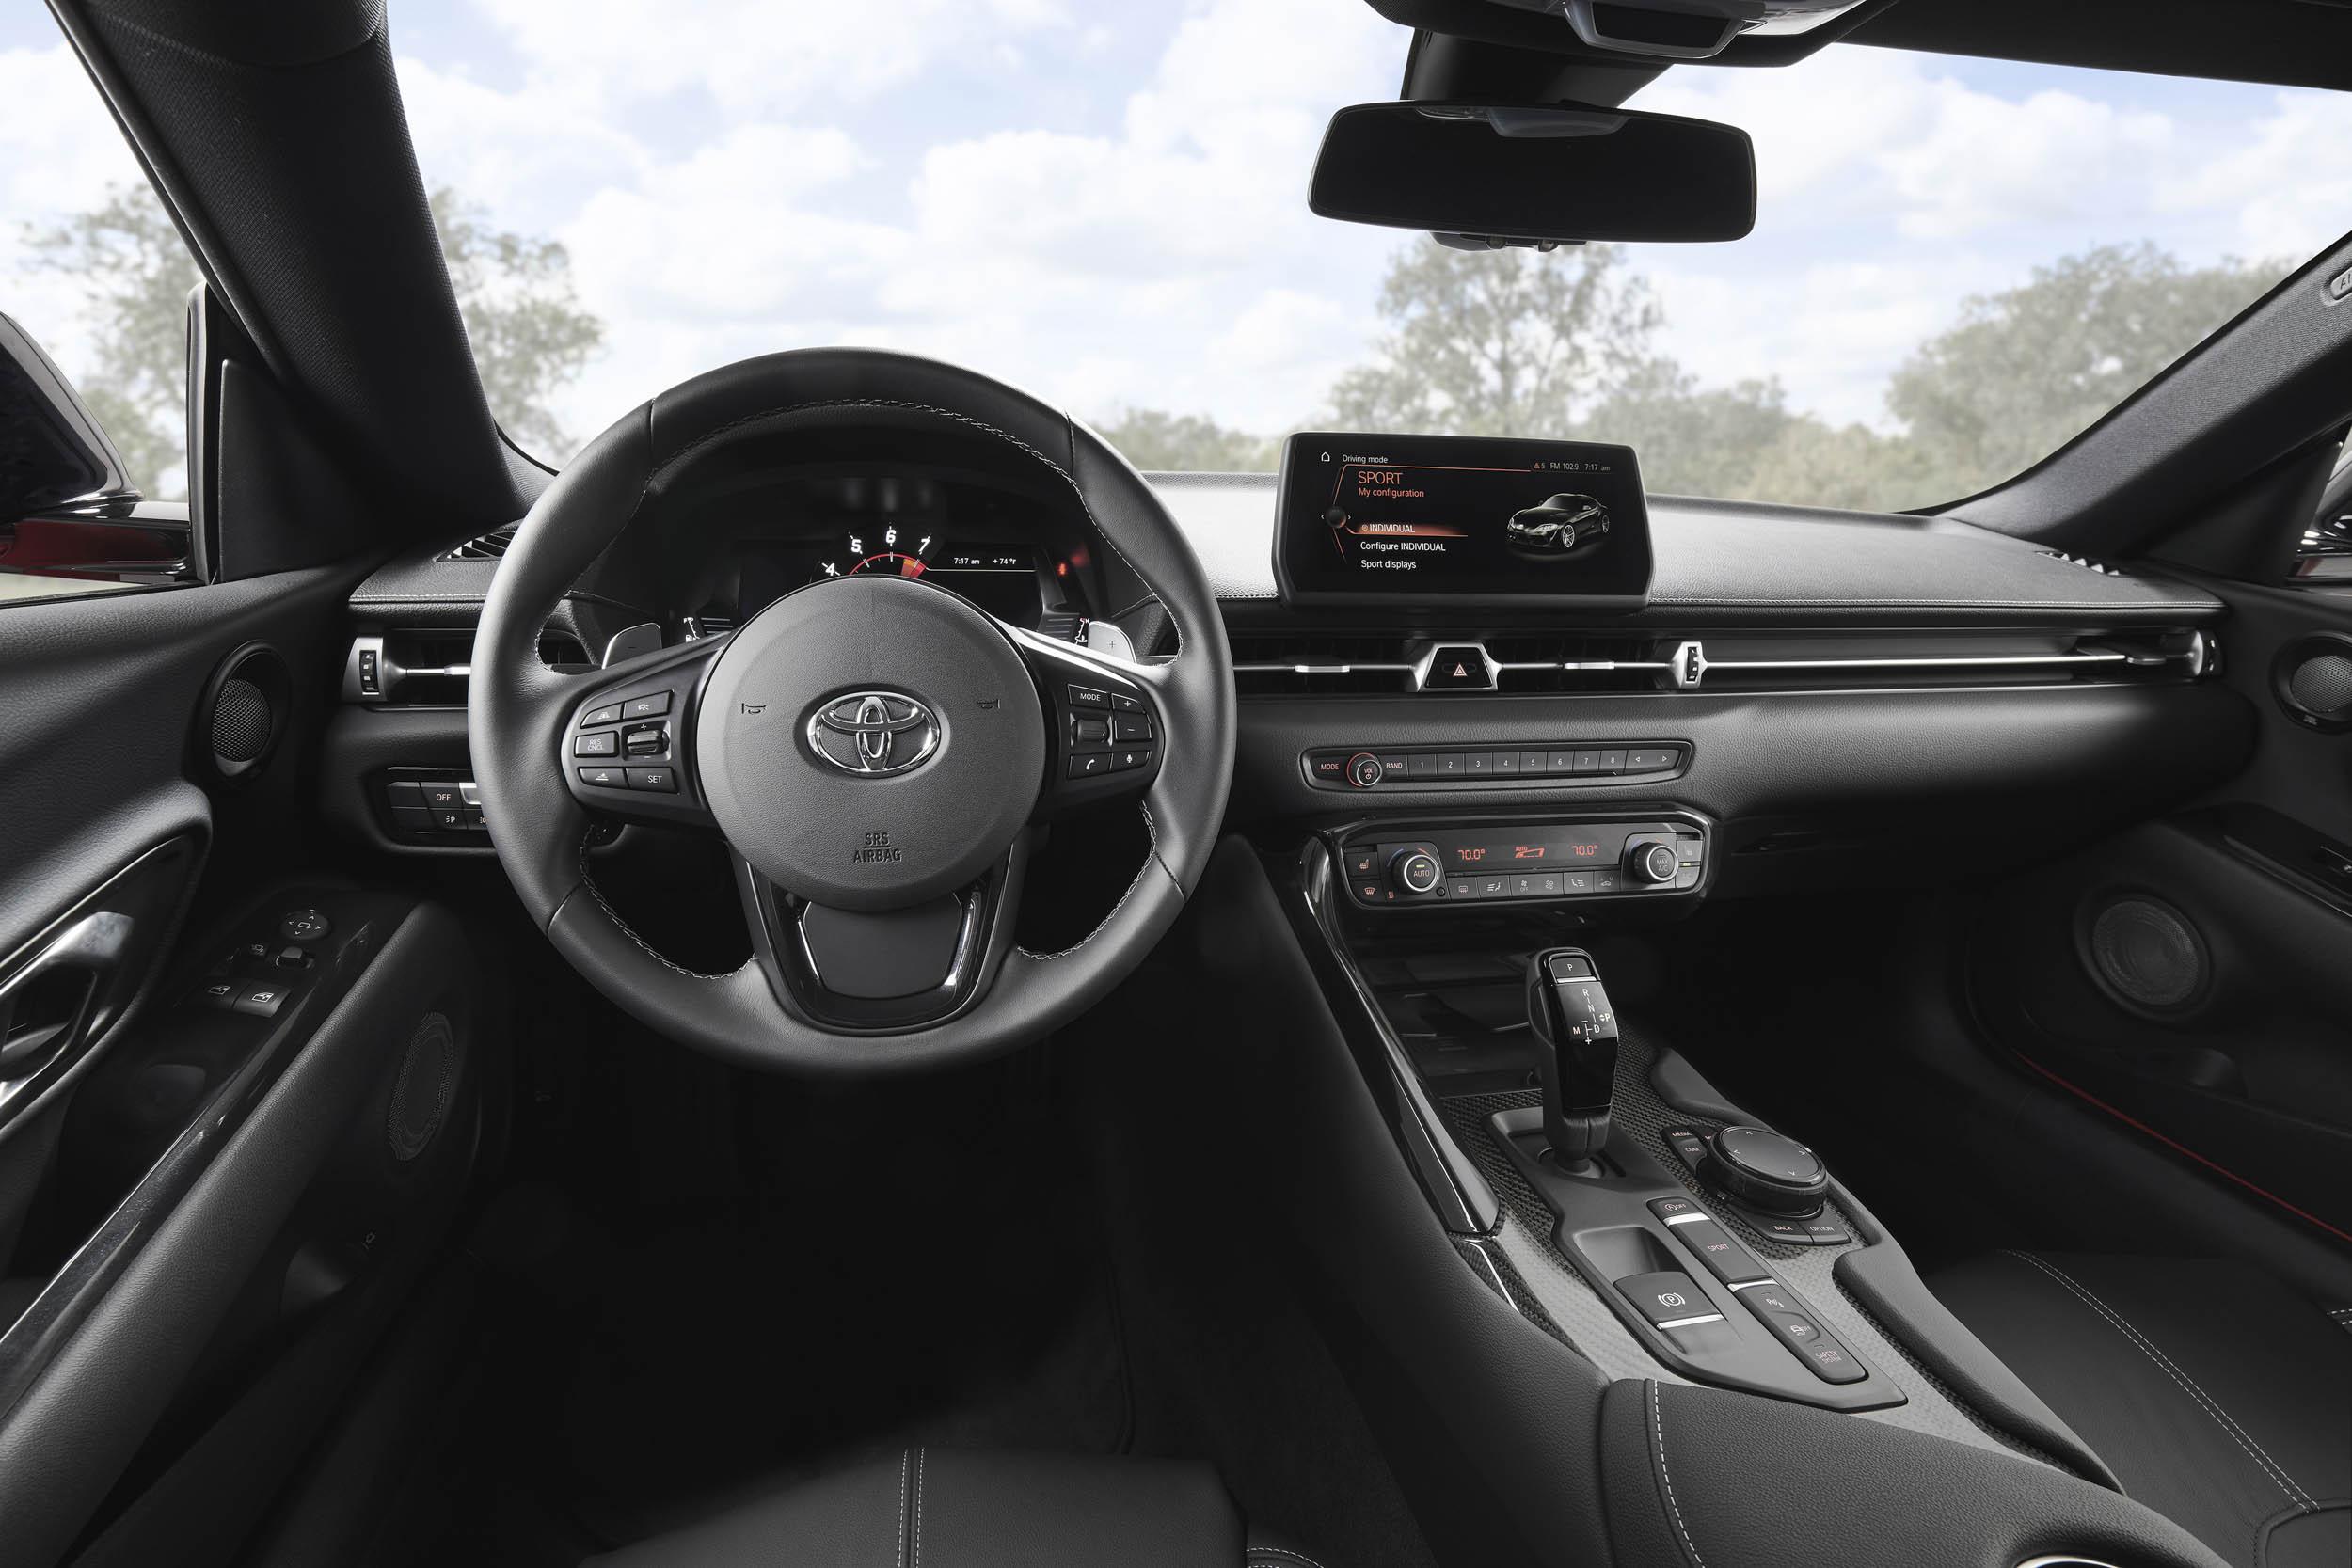 2020 Toyota Supra cockpit